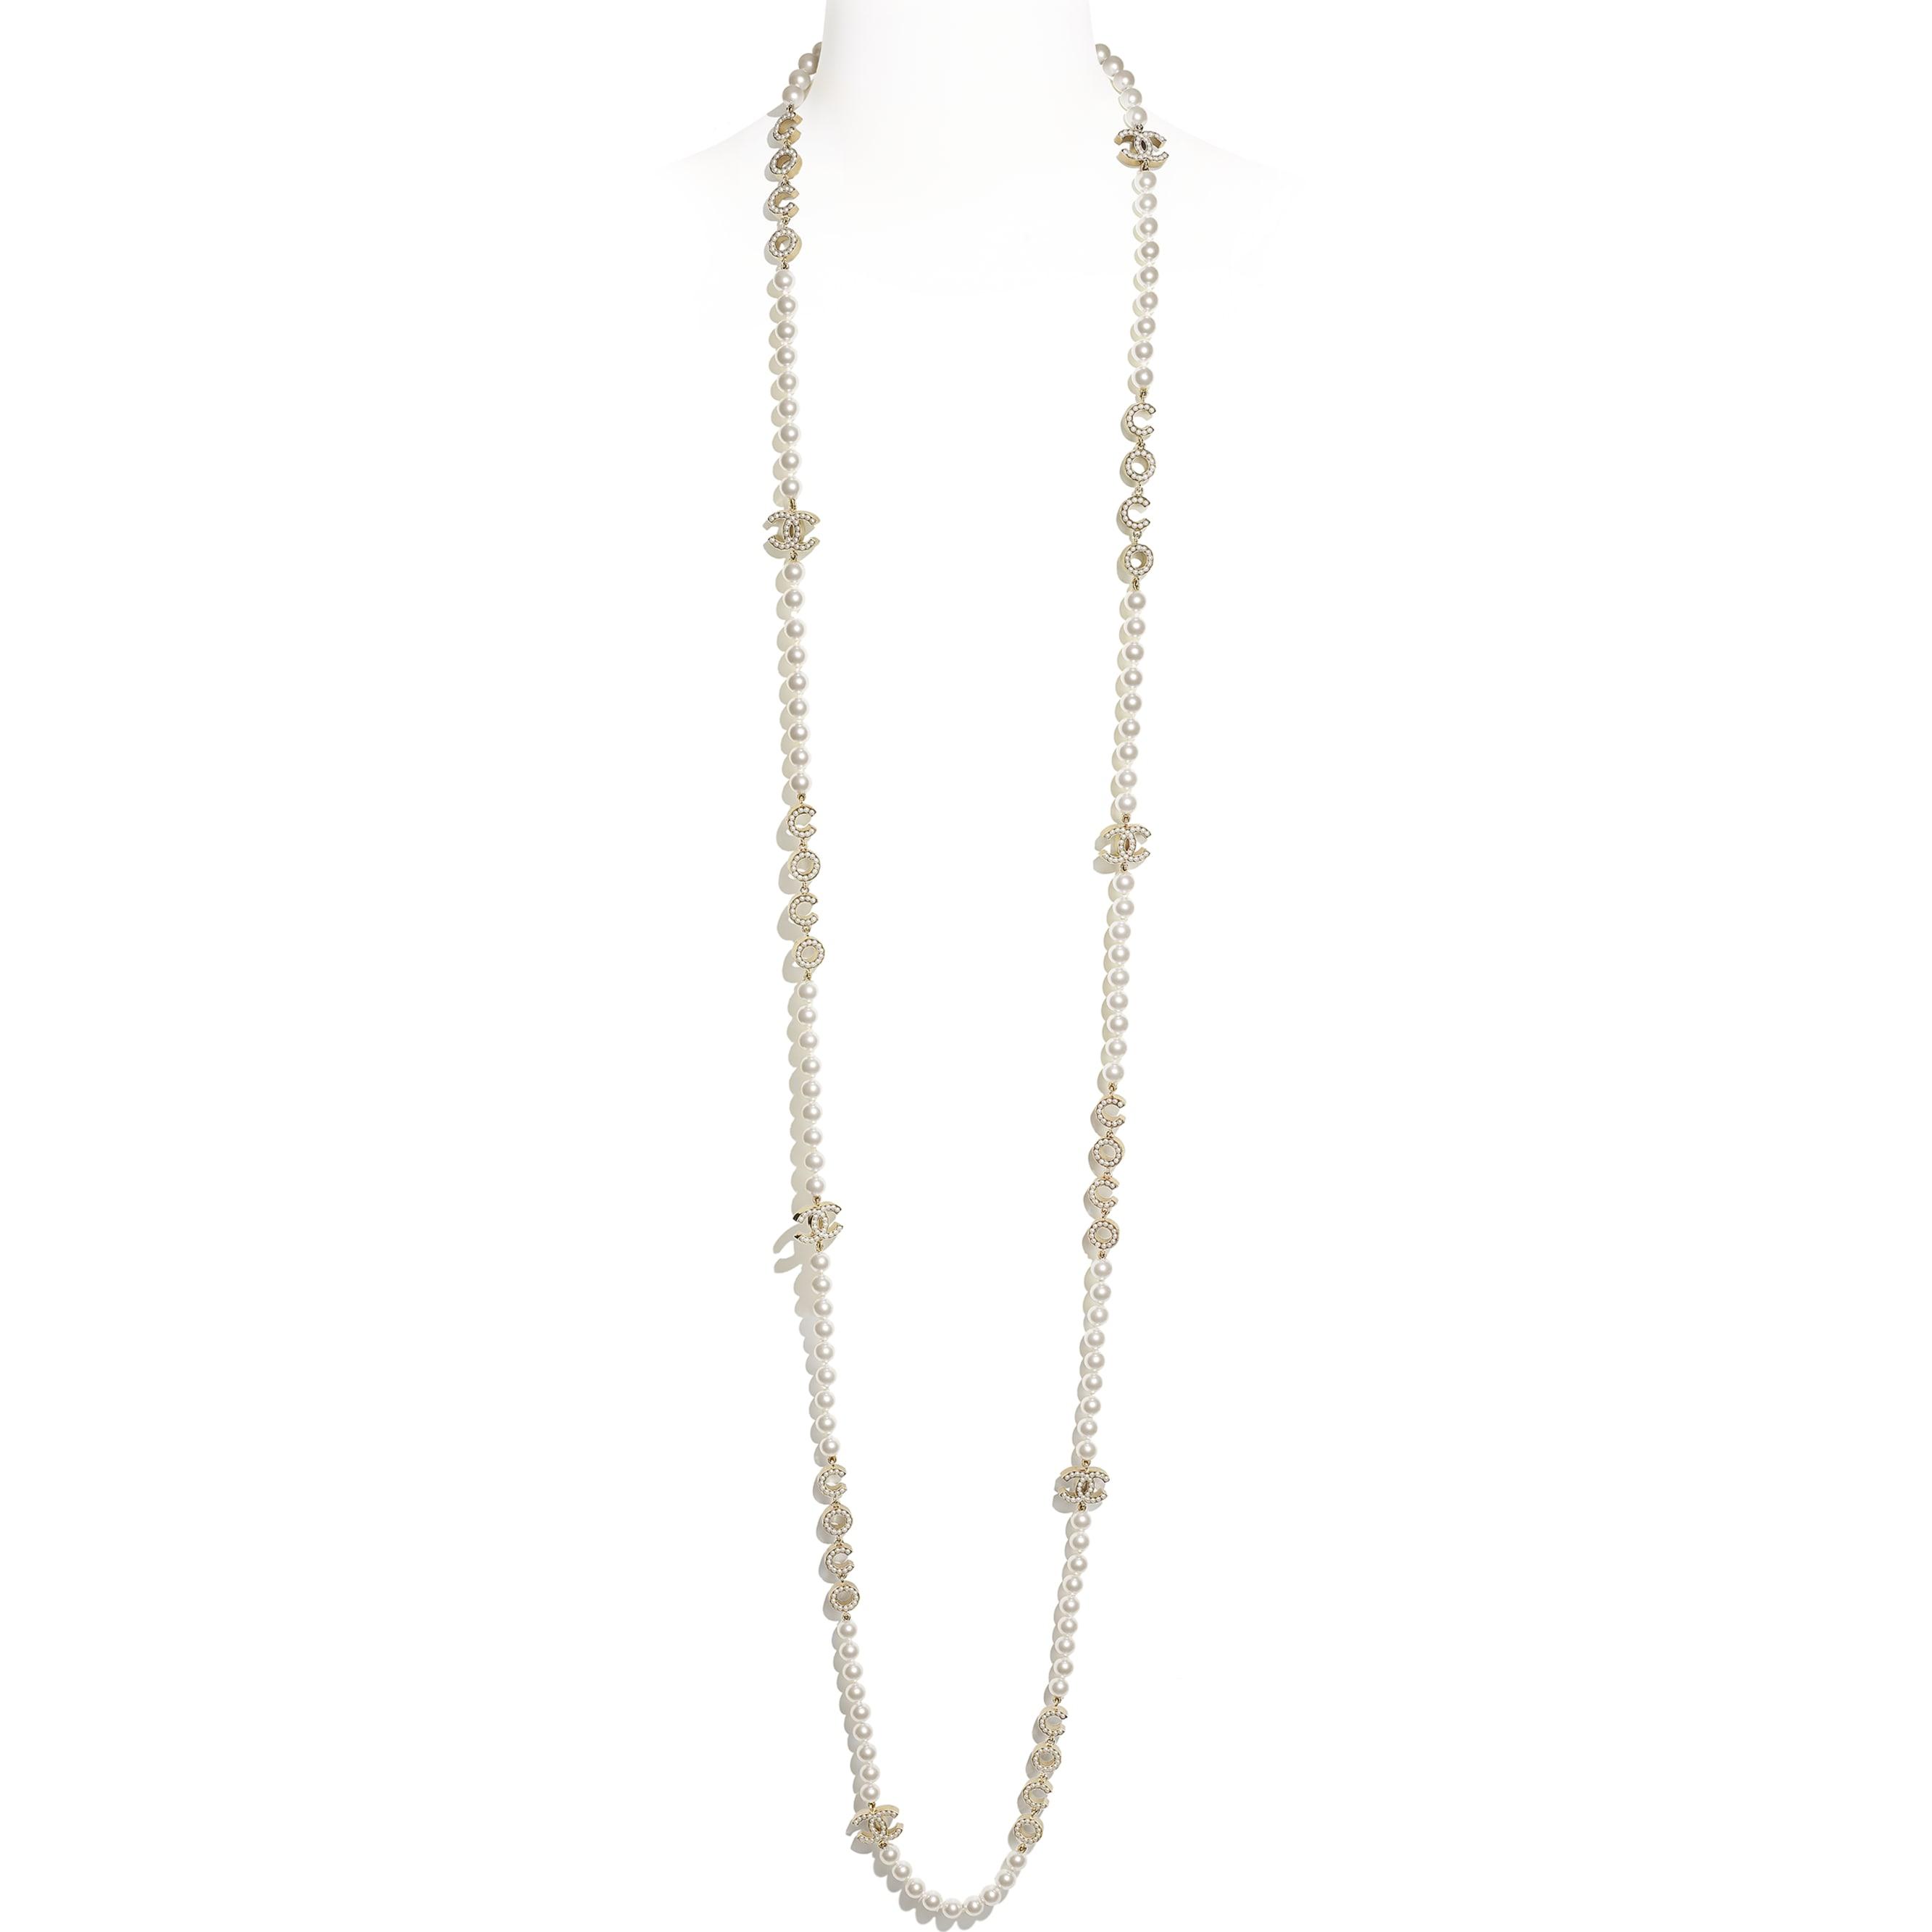 Sautoir - Doré & blanc nacré - Métal & perles de verre - CHANEL - Vue par défaut - voir la version taille standard